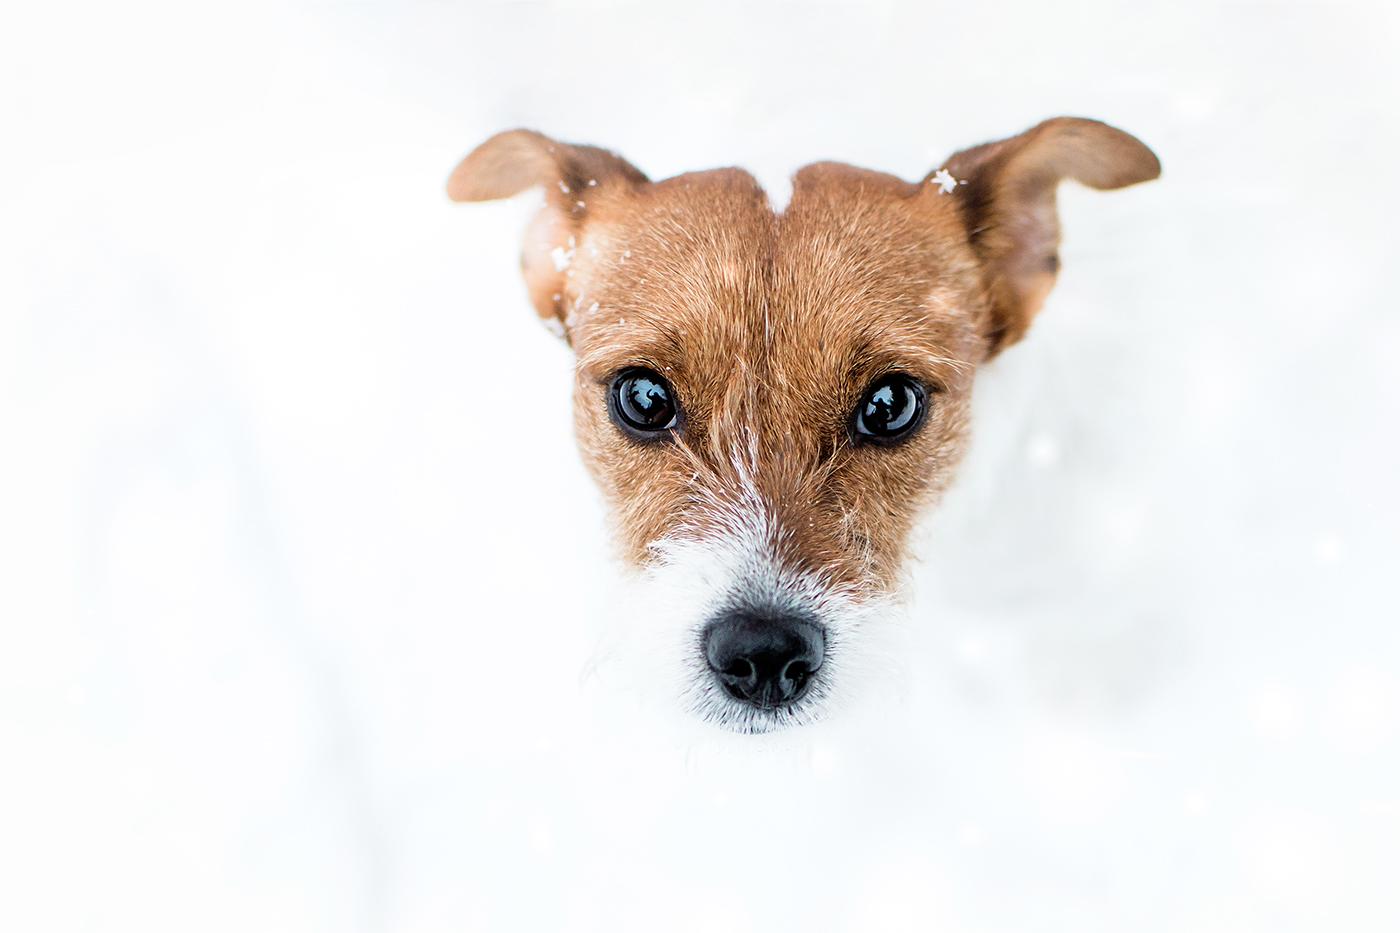 Портреты животных / фотограф Milla Rice